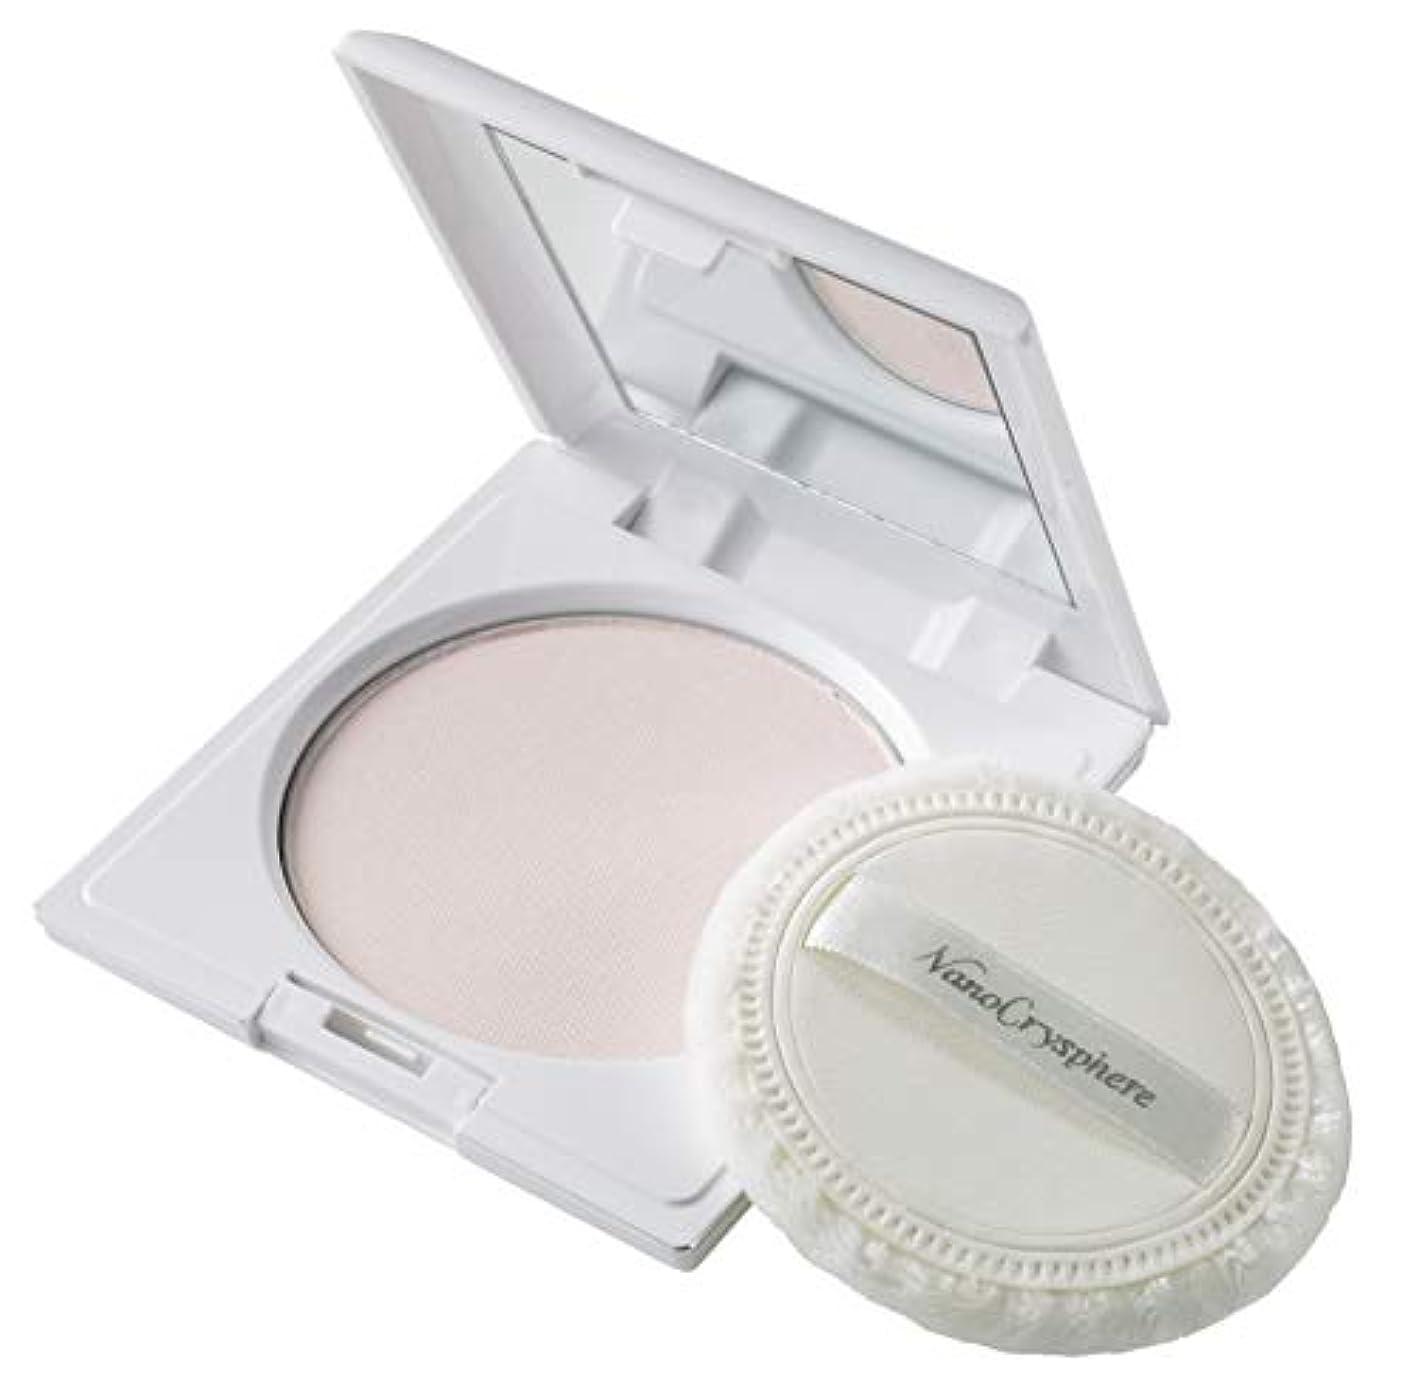 連邦比率実験的ホソカワミクロン化粧品 ナノクリスフェア パウダリーモイストプラスセット<9.5g>【パウダー美容液】